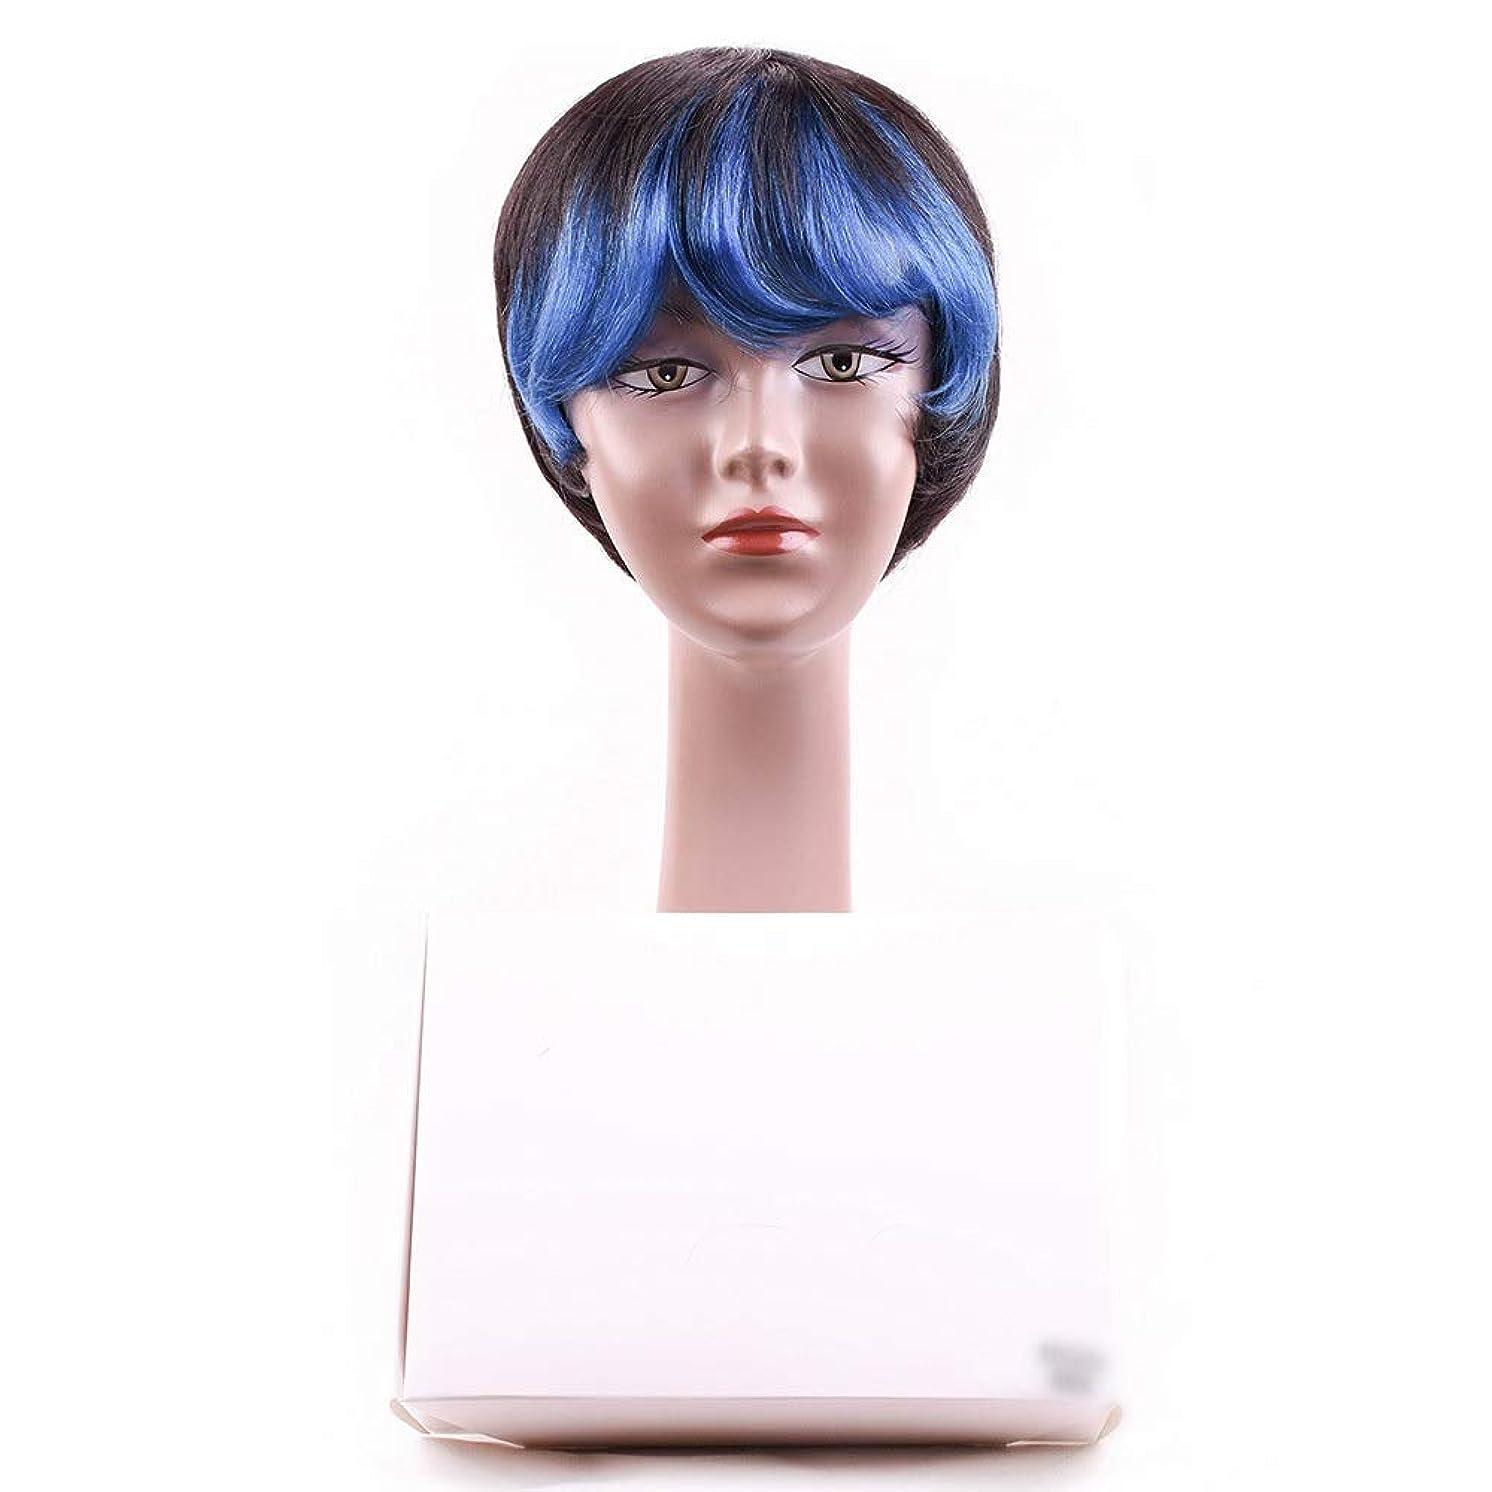 Mayalina 女性の人間の髪の毛ショートボブかつら前髪付きかつらコスプレパーティーかつらロールプレイングかつら女性用かつら (色 : 青)